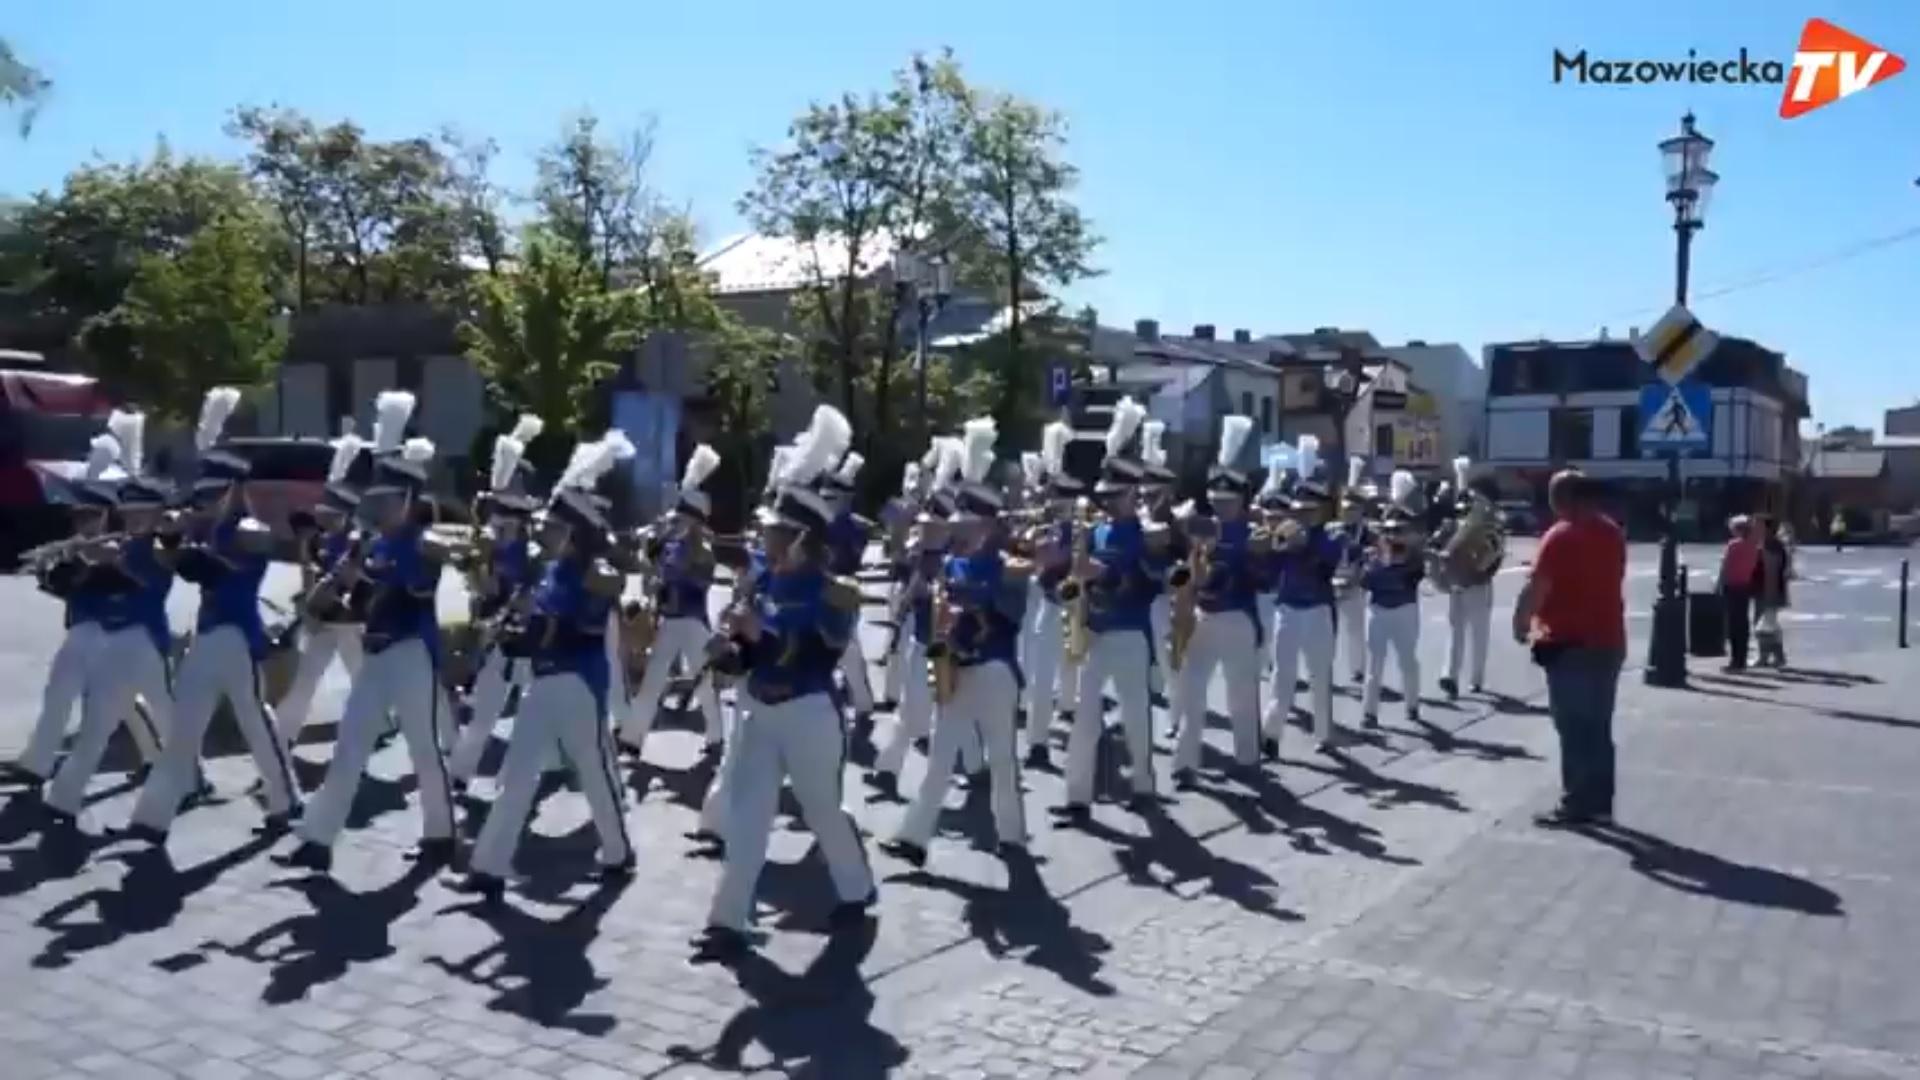 XVIII Przegląd Orkiestr Dętych Powiatu Grójeckiego - Święto Kwitnących Jabłoni 2017